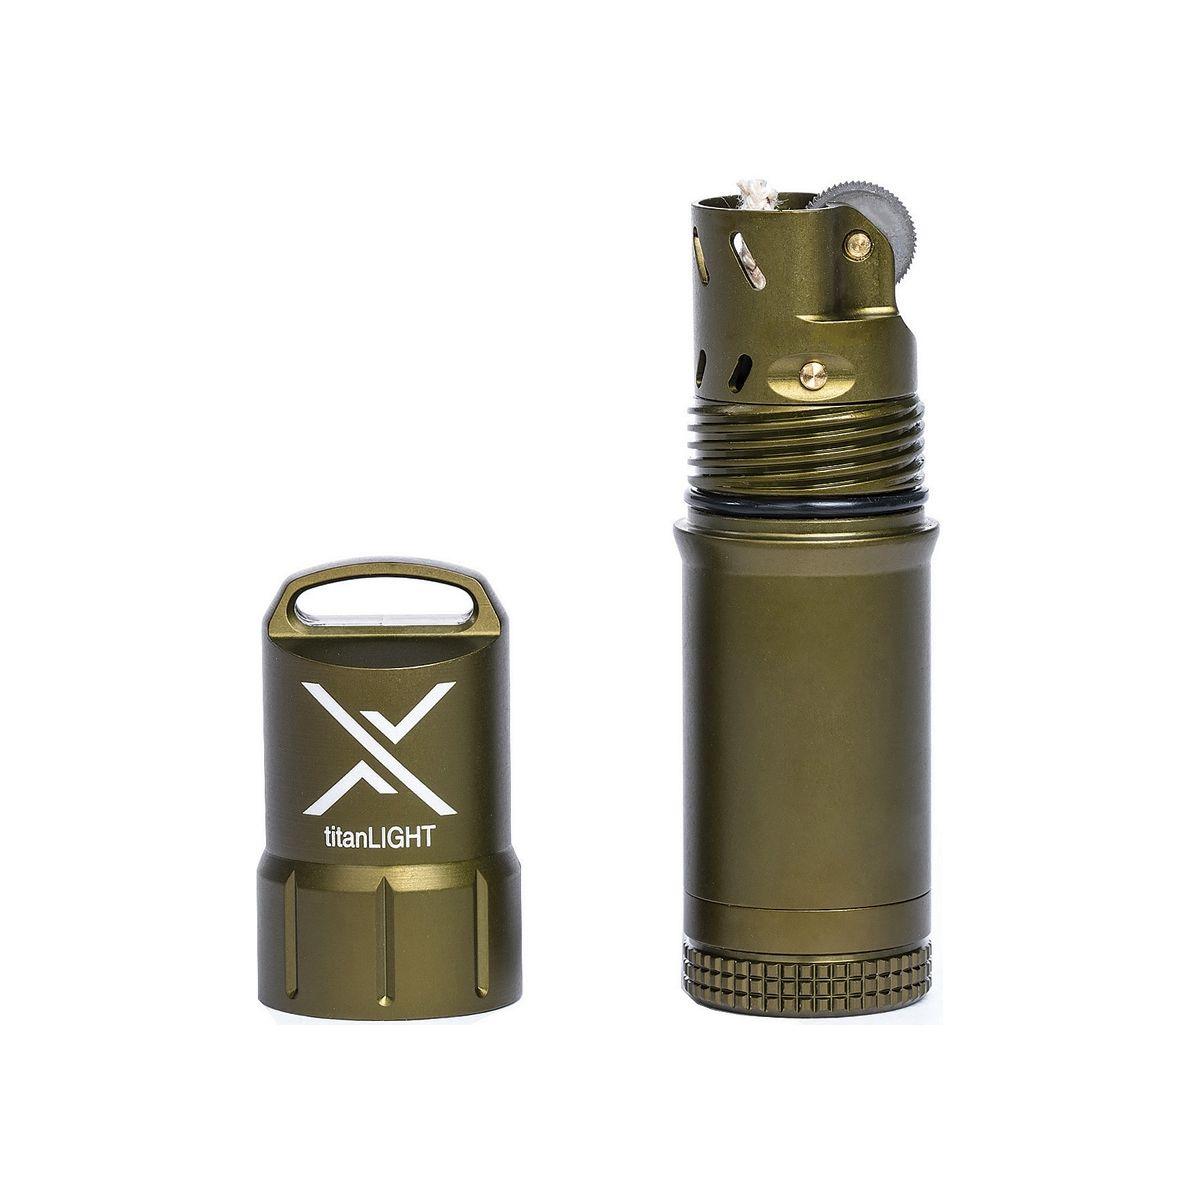 Zapalovač titanLIGHT™ voděodolný ZELENÝ